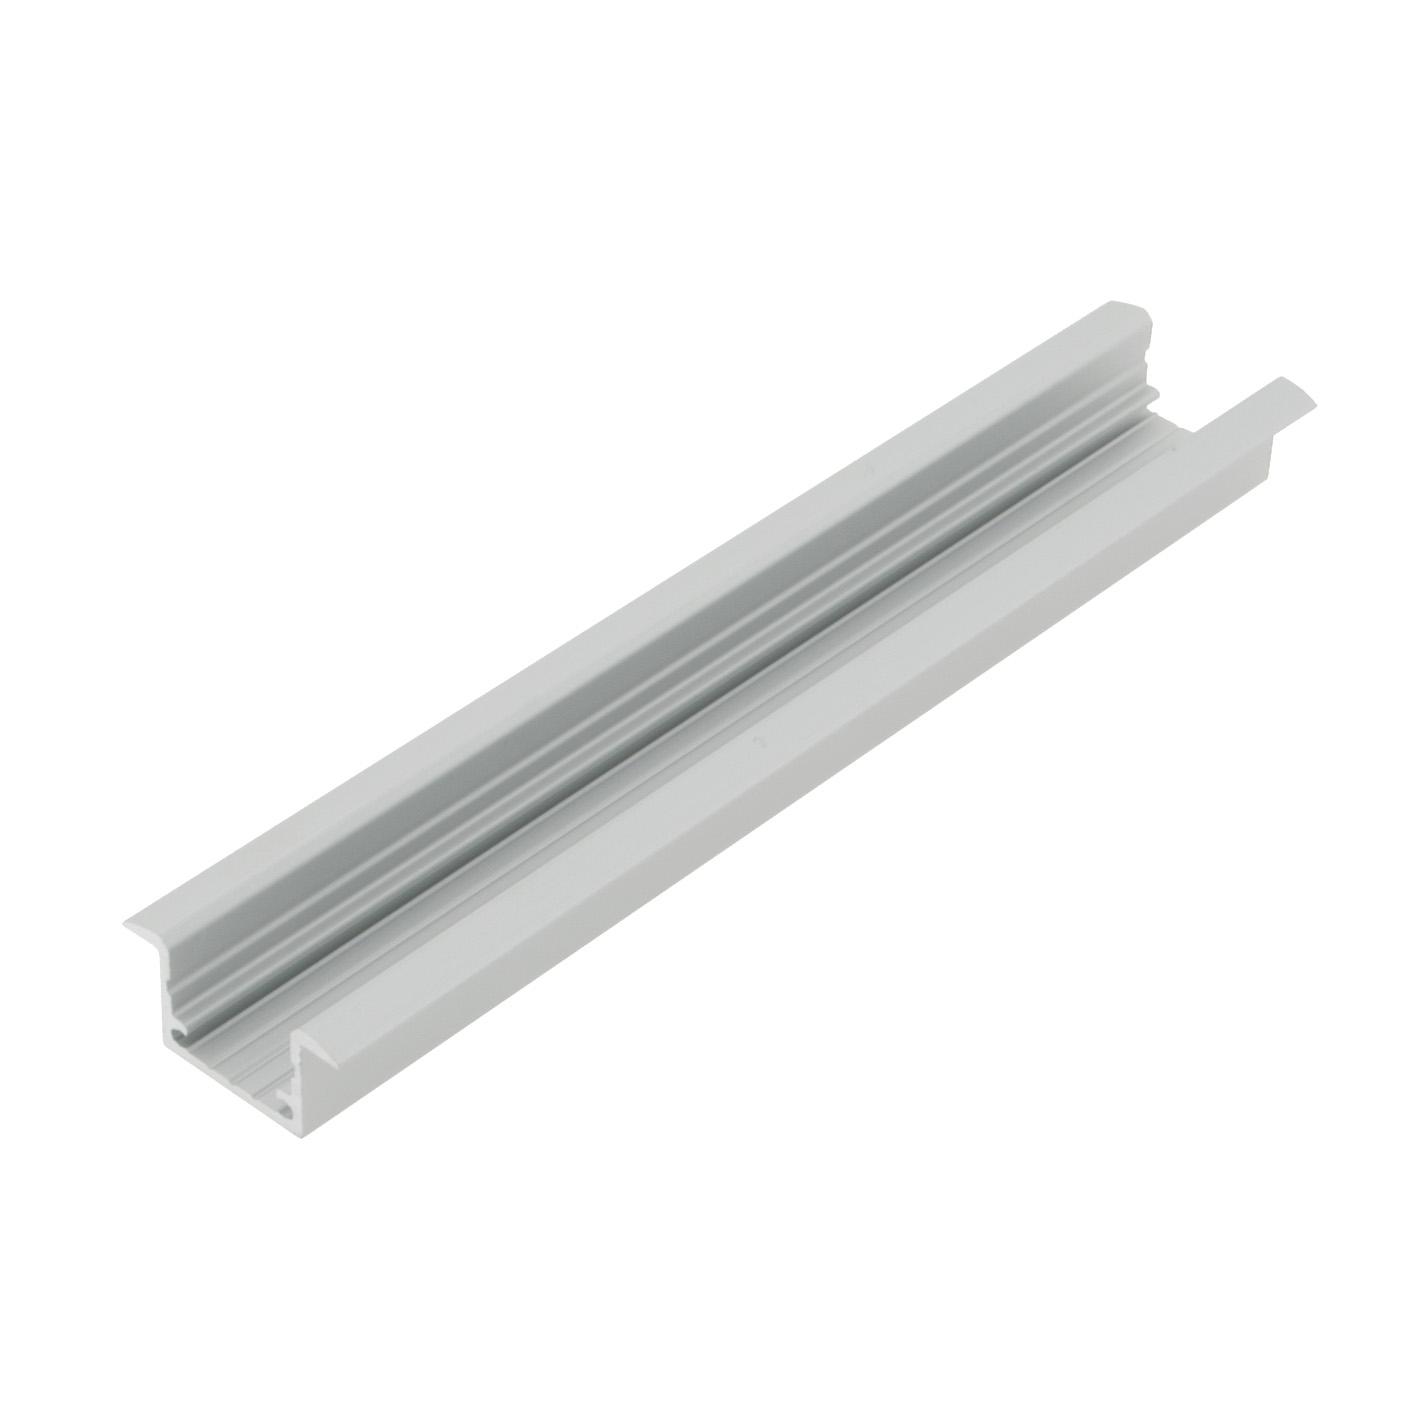 1 m Aluminium Profil LBJ, 2m LIAP001009